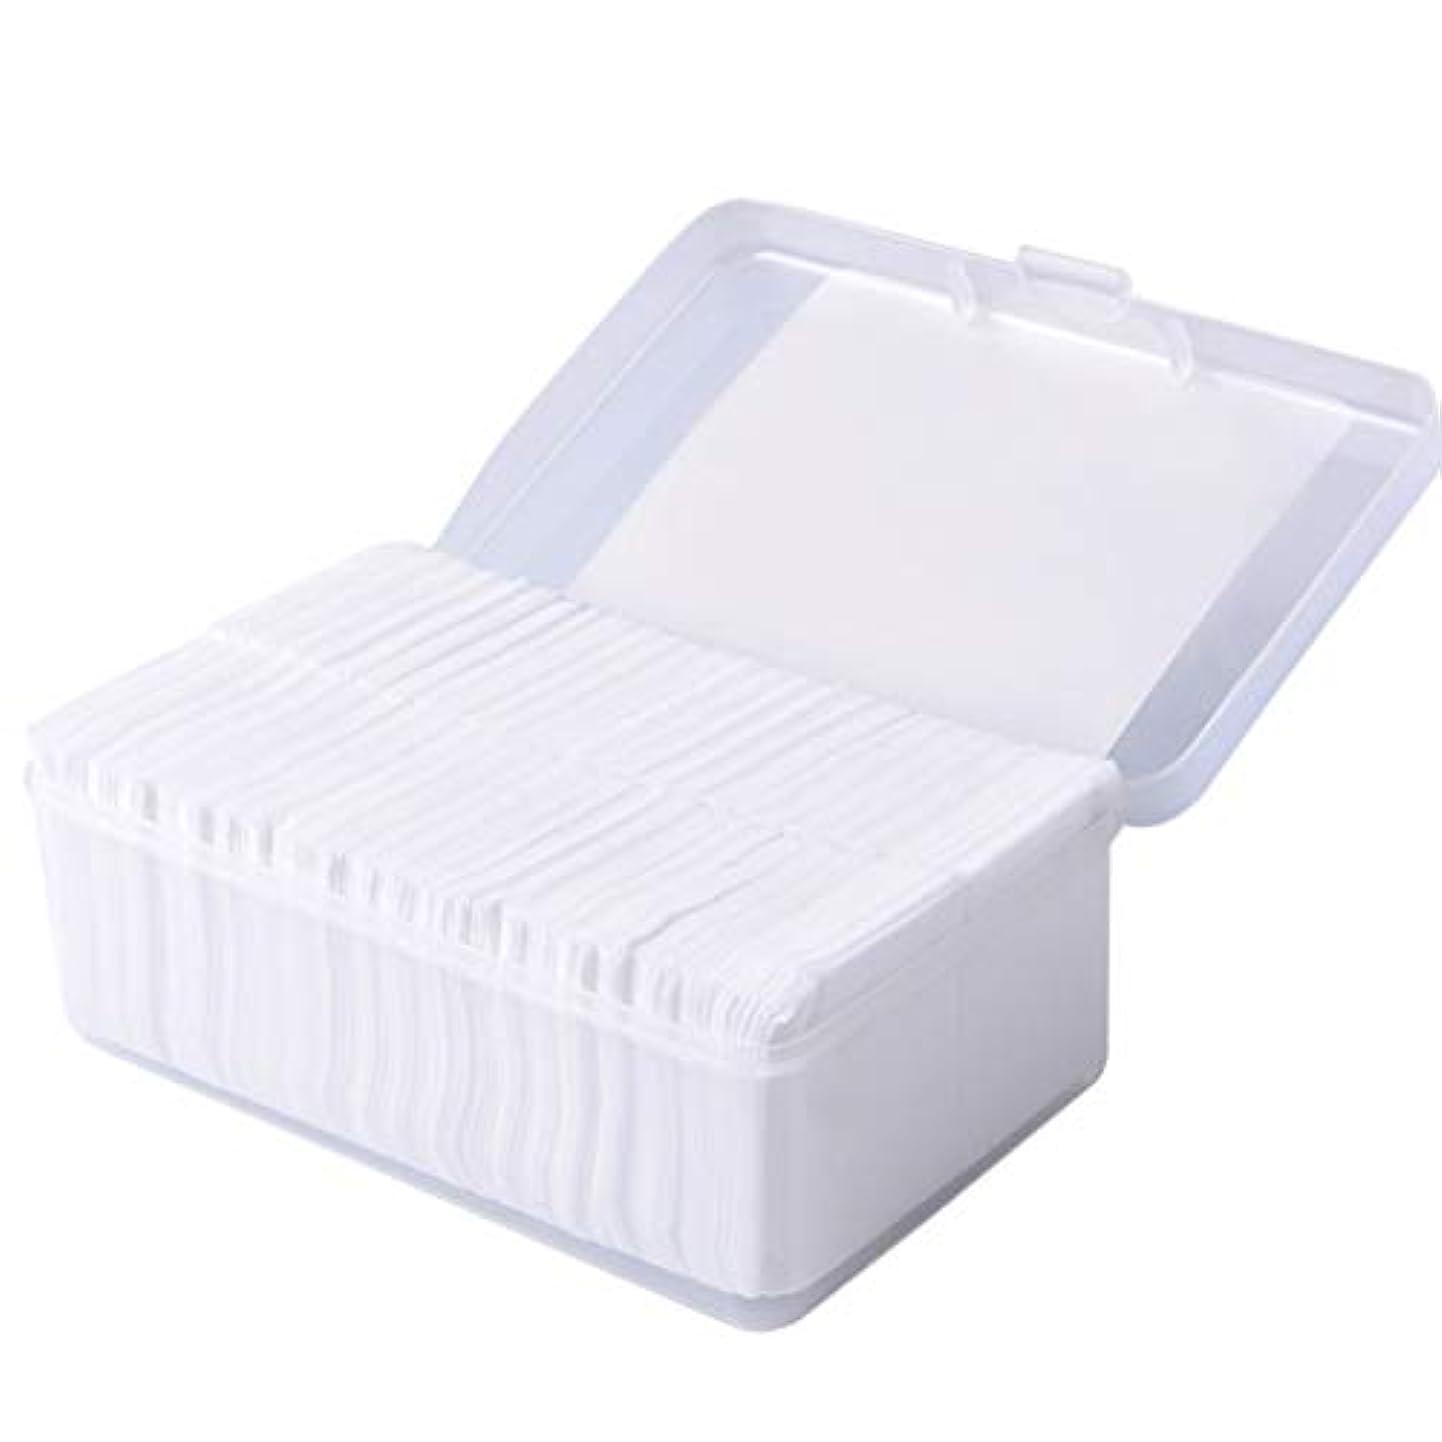 式雪だるまラフレシアアルノルディクレンジングシート 1000ピースコットンパッド化粧コットンワイプソフトメイク落としパッドフェイシャルクレンジングペーパーワイプスキンケアリムーバー (Color : White)